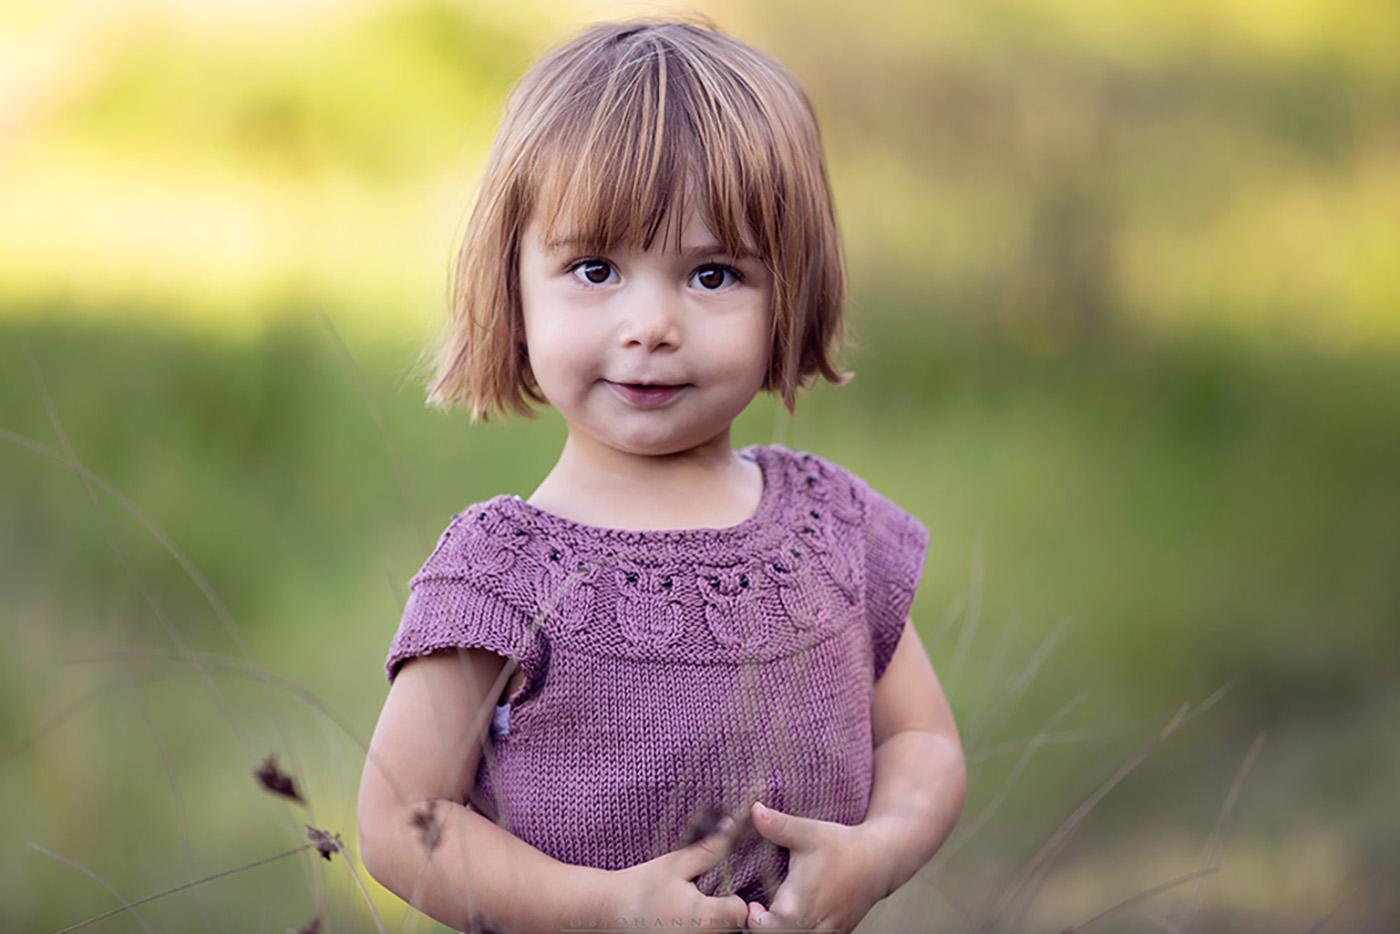 Perfekt børnebillede i naturen